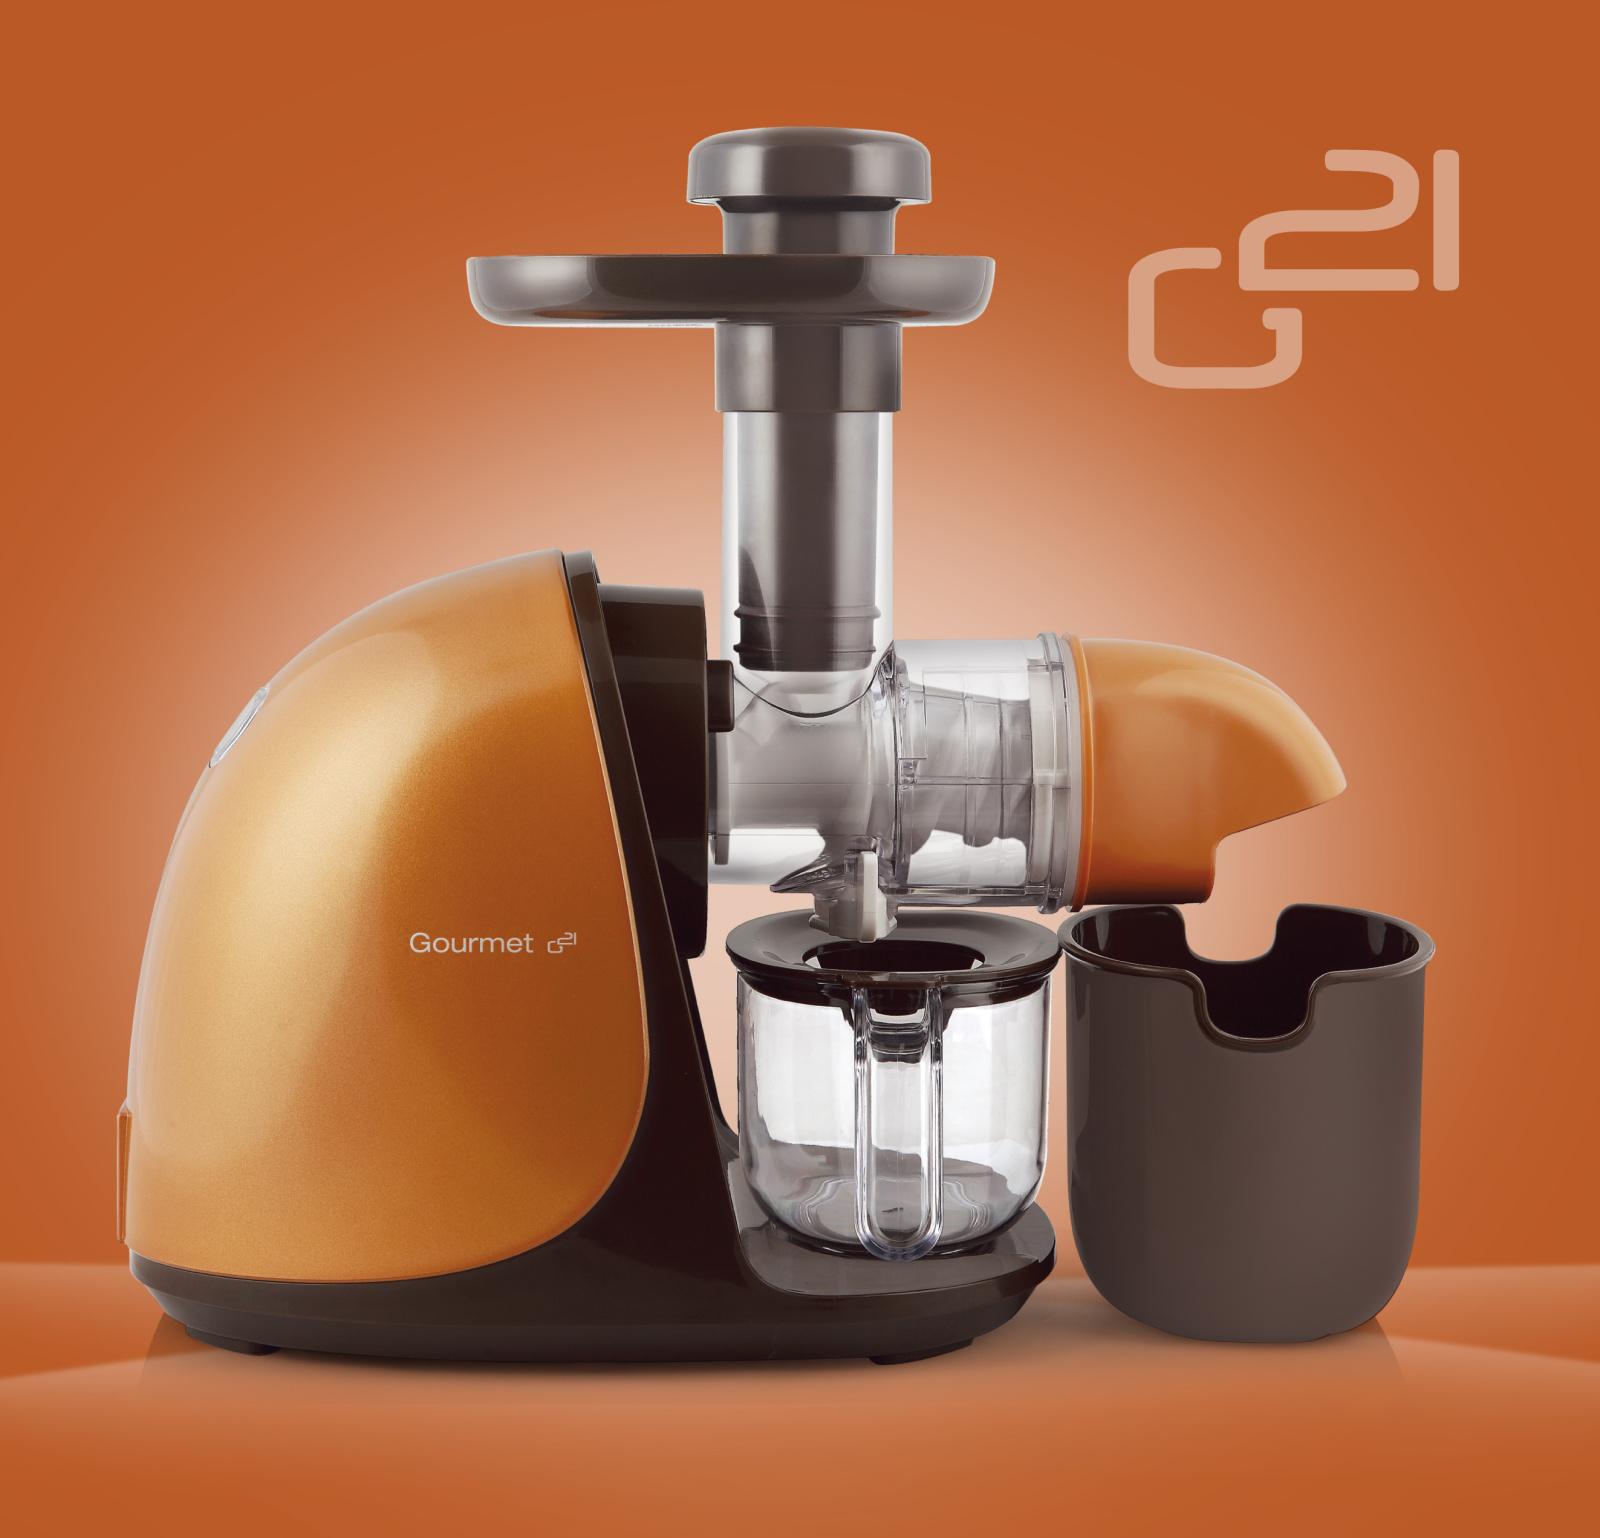 Odšťavňovač G21 Gourmet horizontal + DÁREK v hodnotě až 559,- Kč ZDARMA dle vlastního výběru ! + doprava zdarma